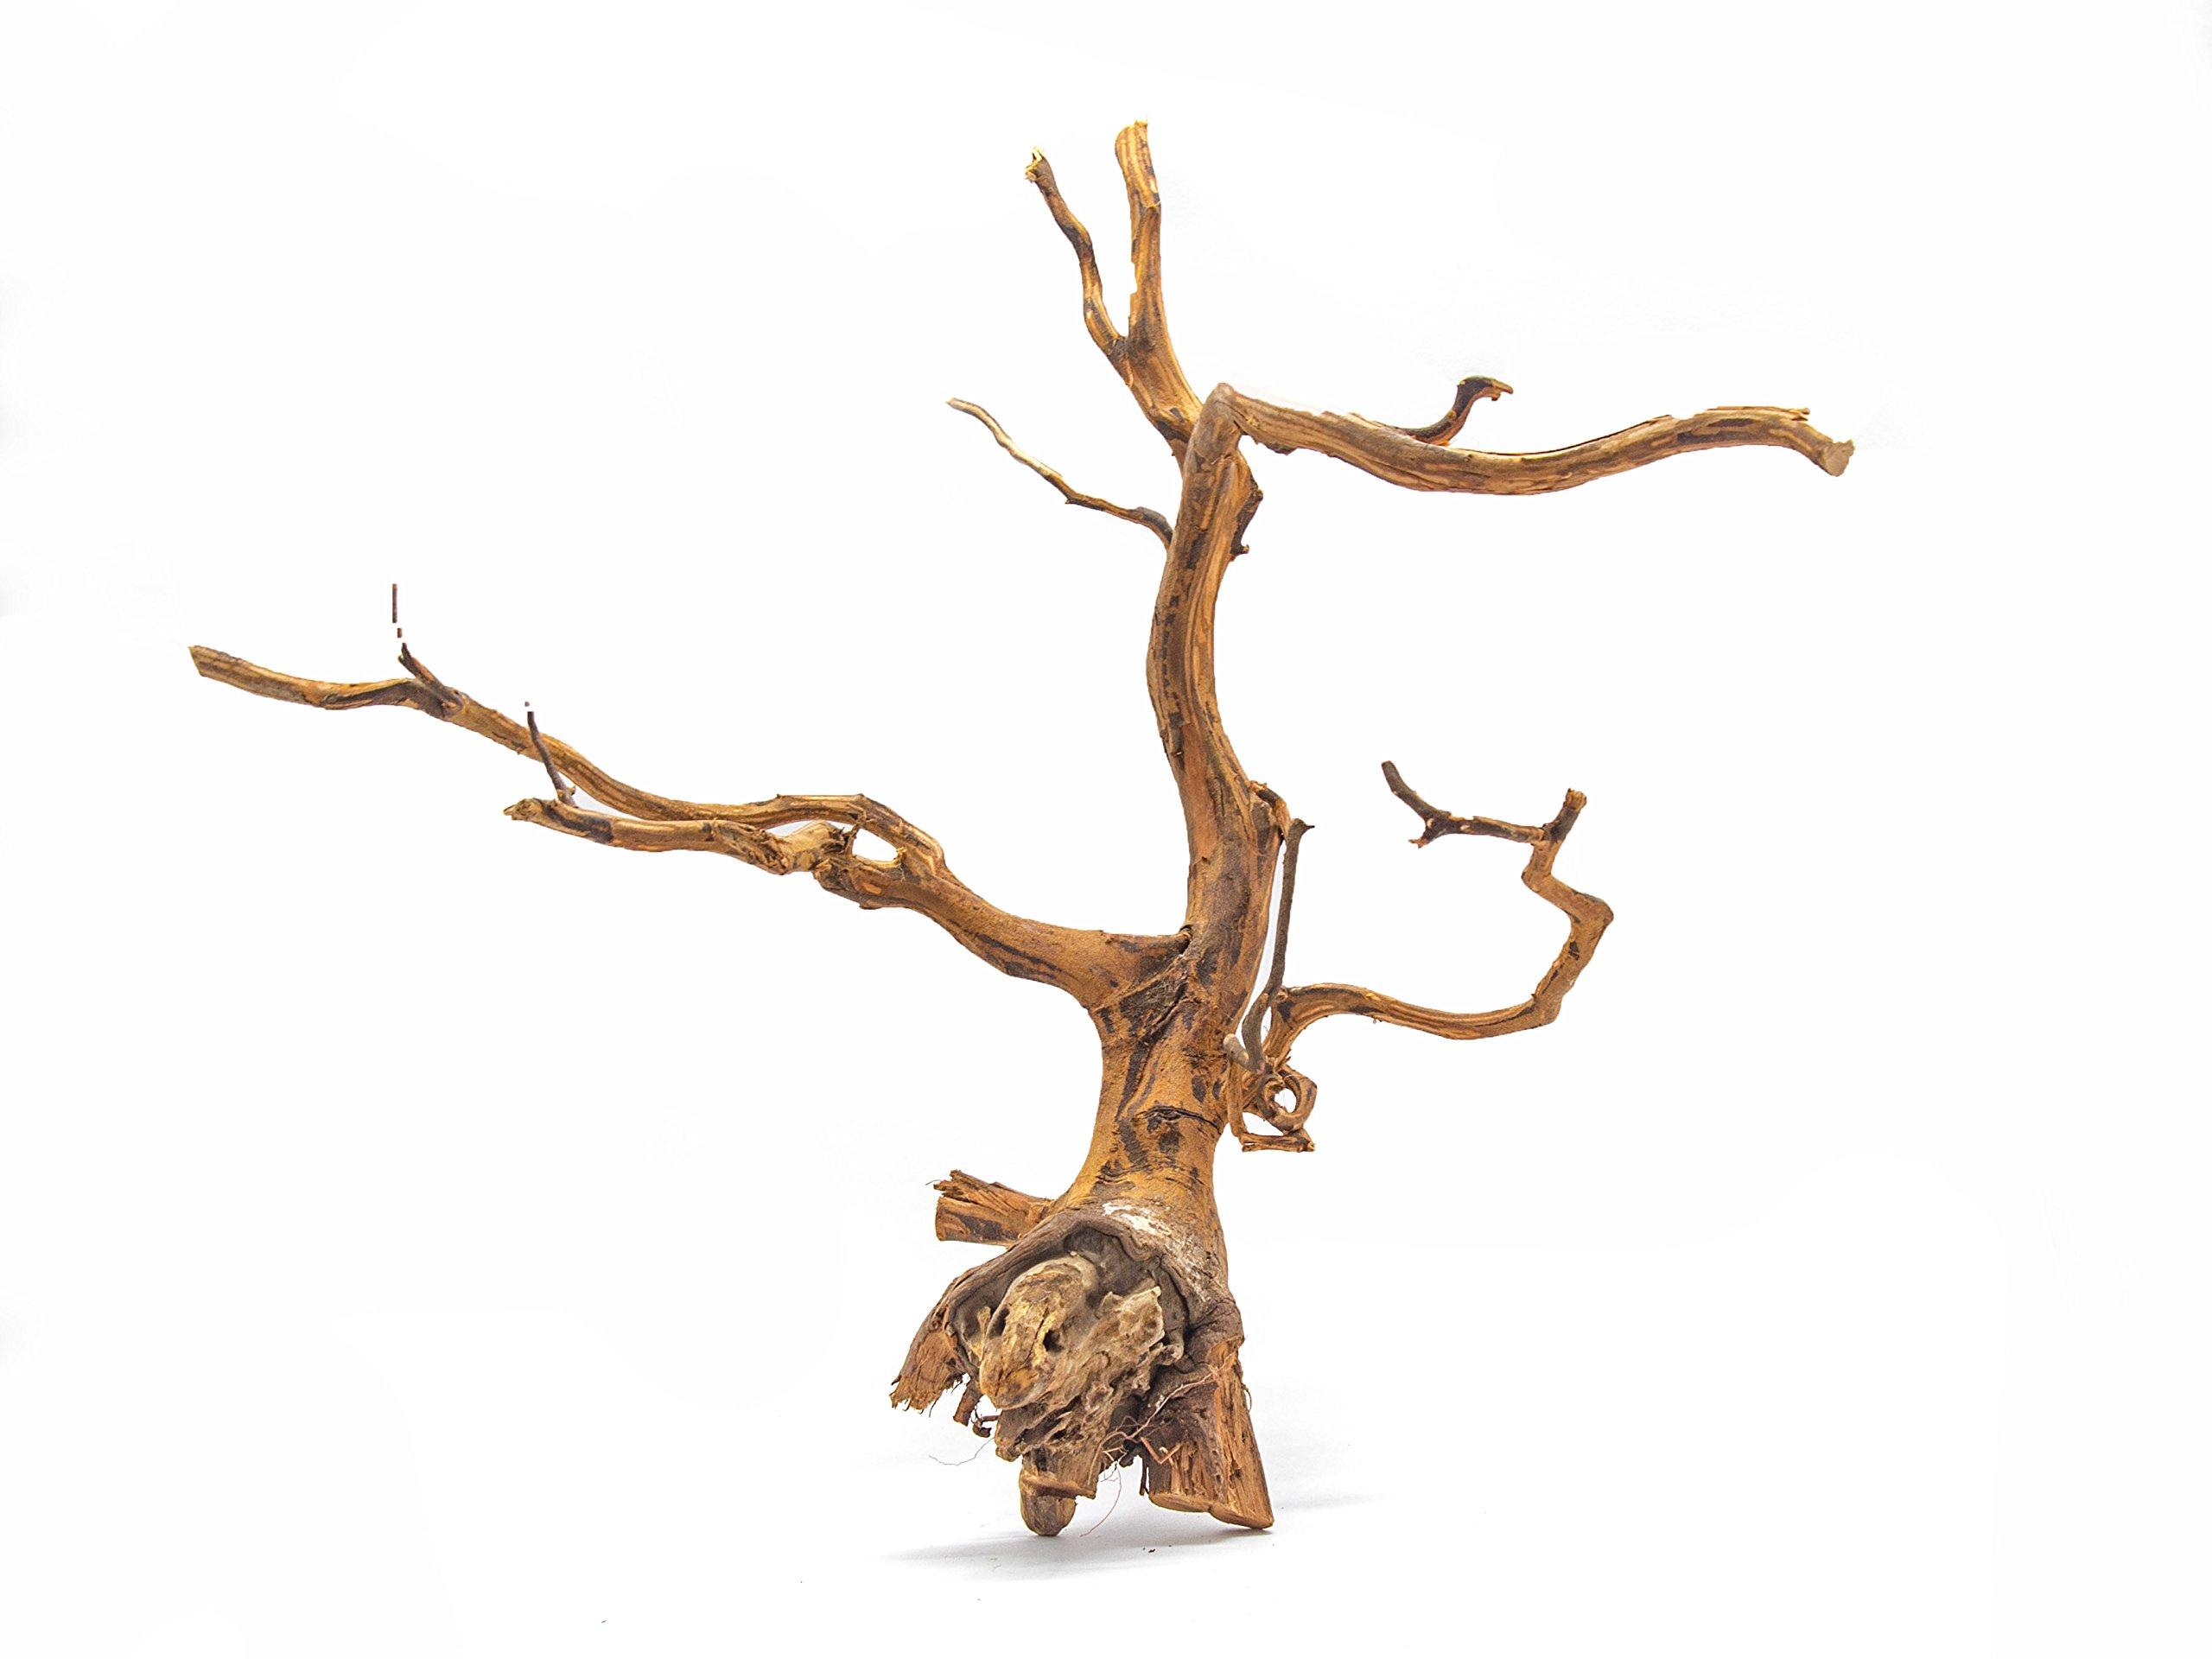 Aquatic Arts 1 Medium Piece of Amazon Natural Aquarium Driftwood, 9-12'' by Aquatic Arts